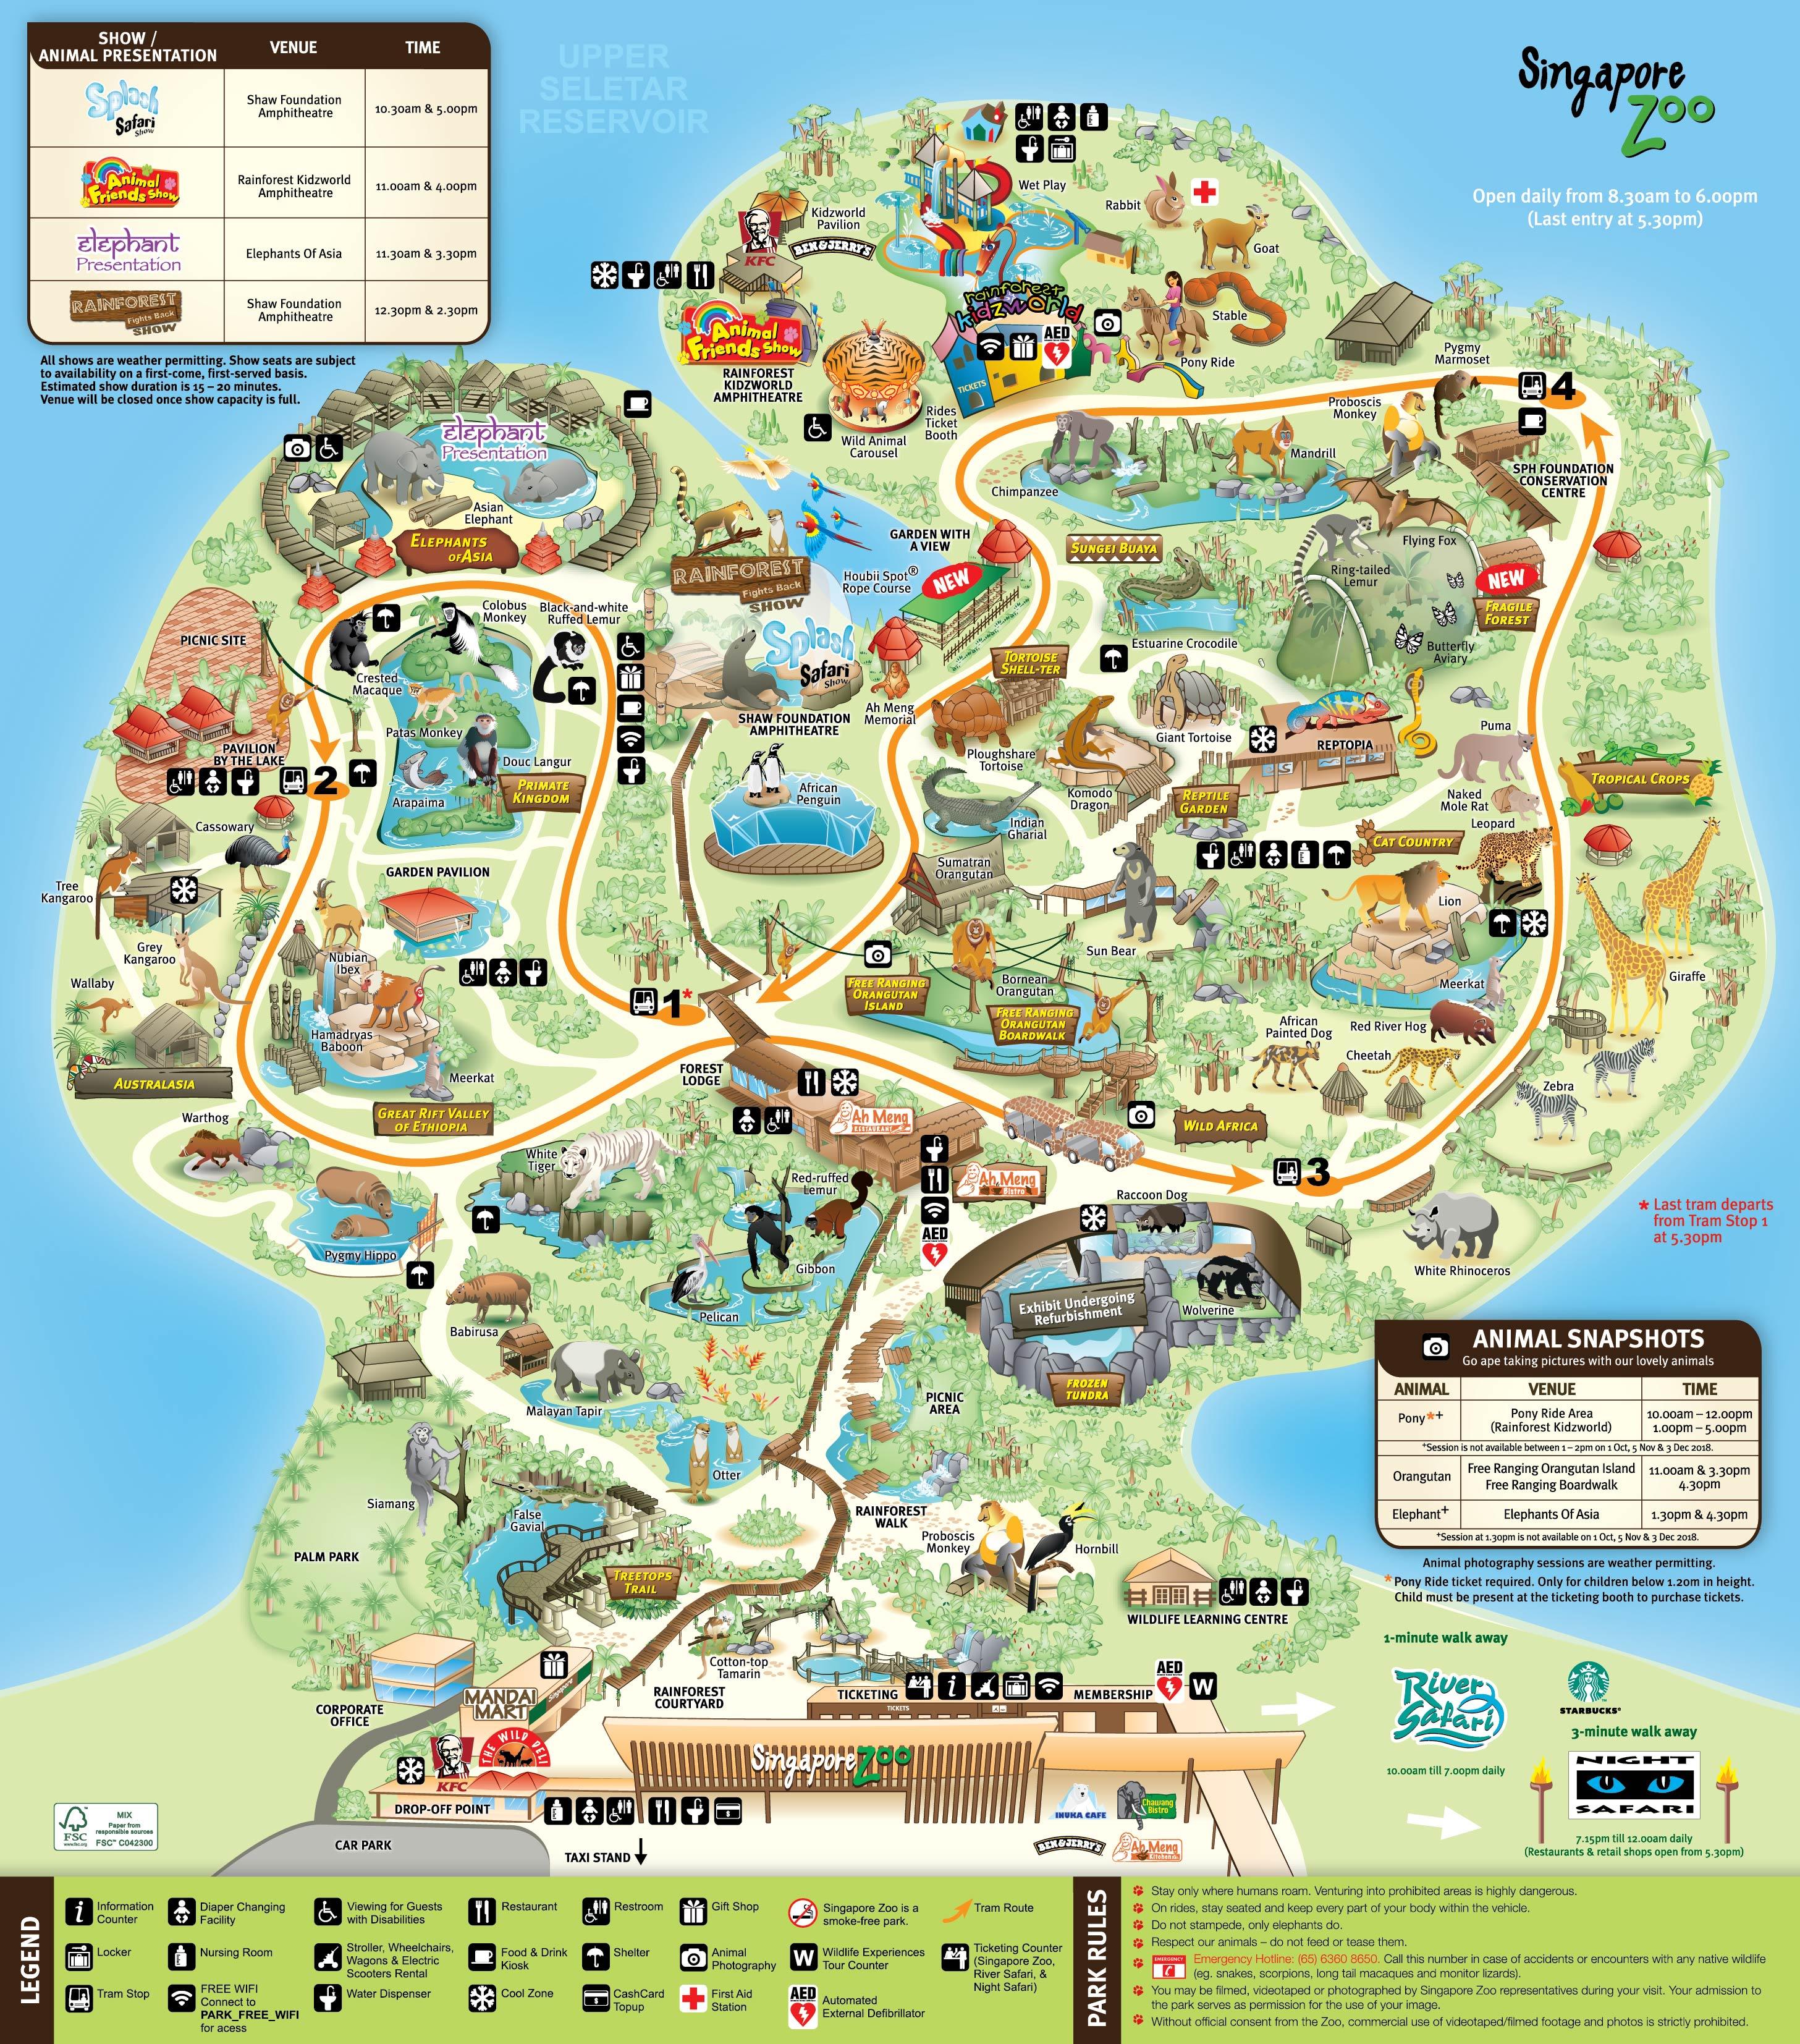 地圖DM是遊園必備品。(圖片取自新加坡動物園官網)